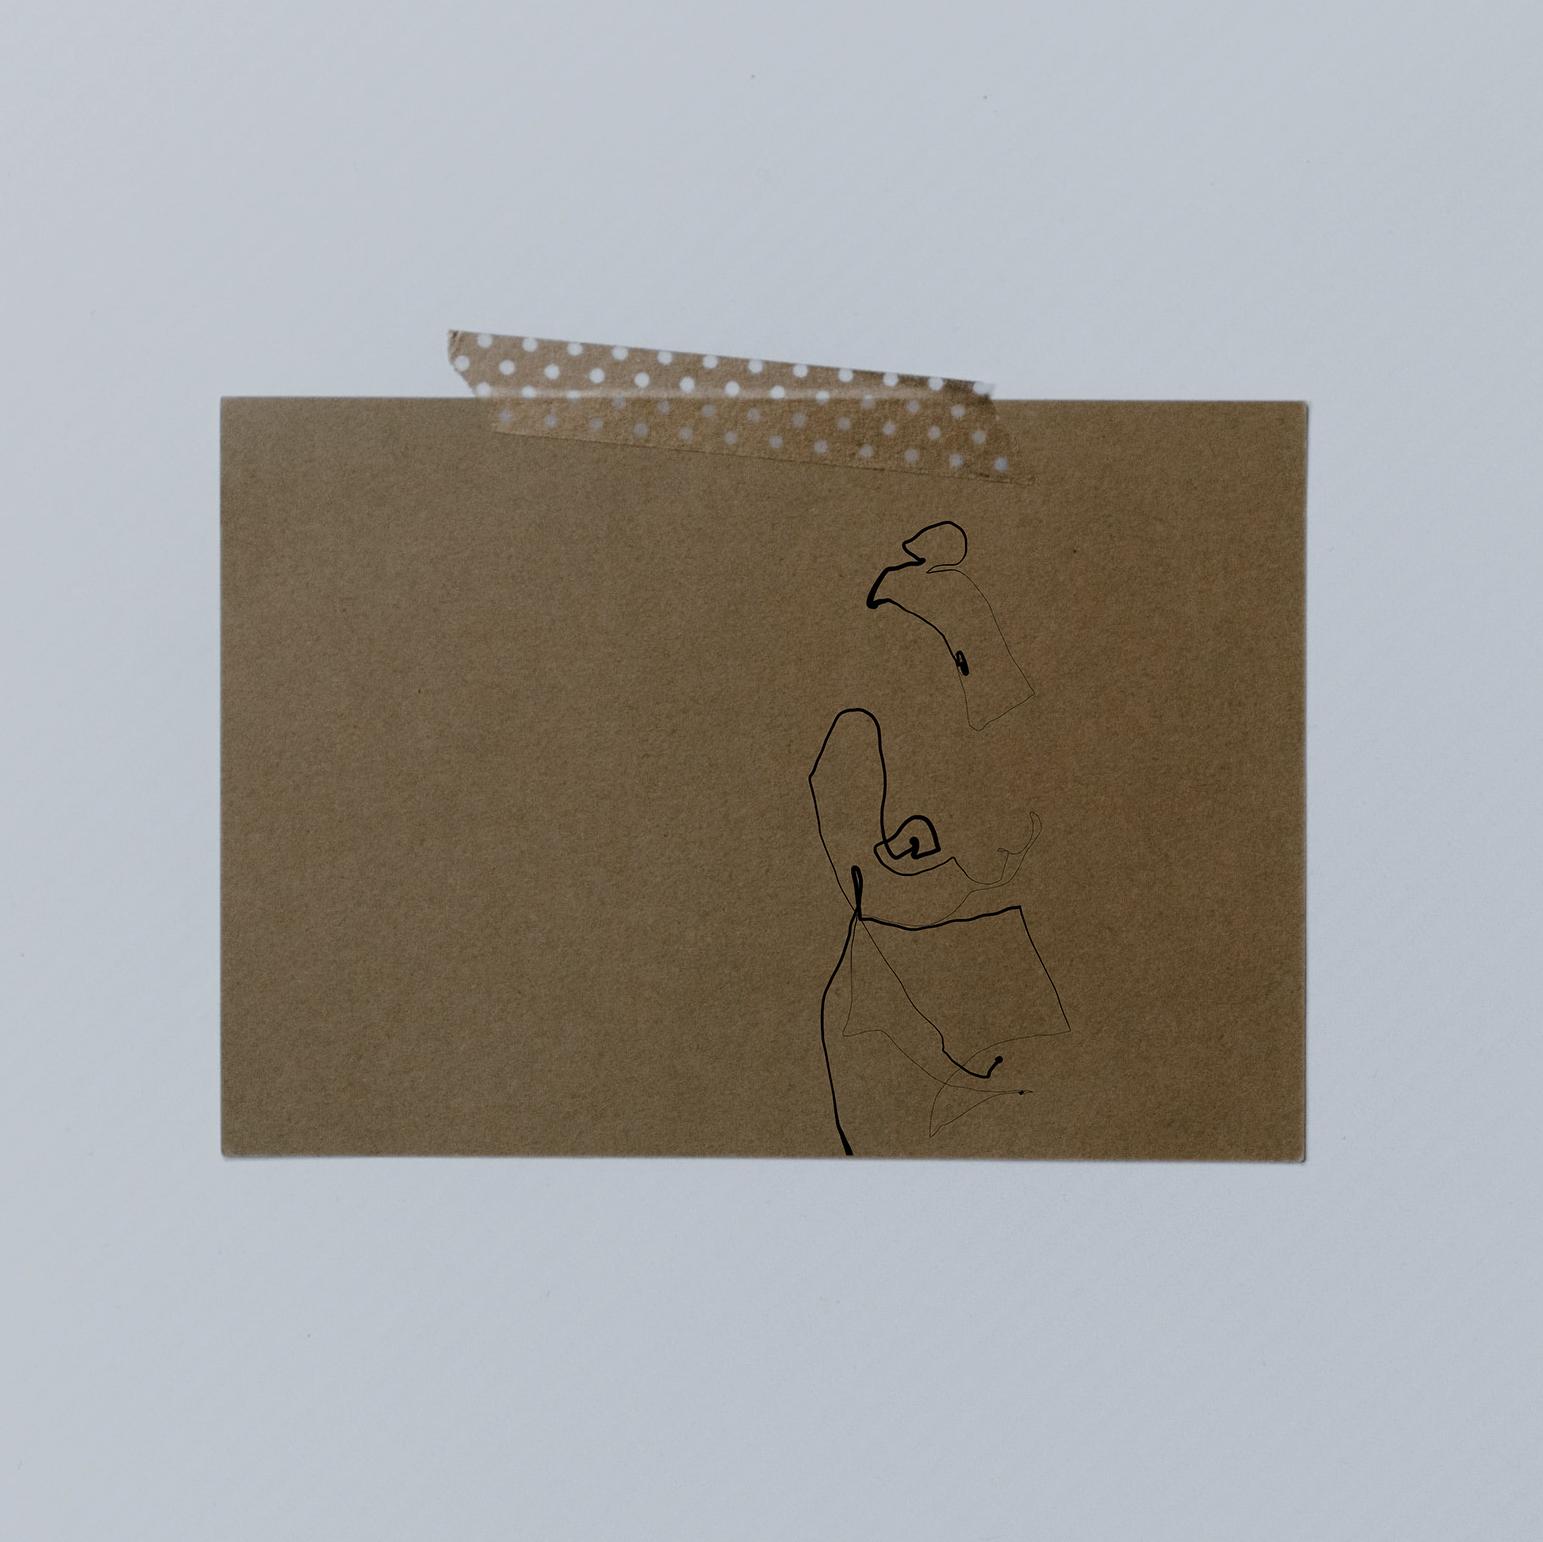 Postkarte aus Kraftkarton mit Tape an der Wand befestigt. Postkarte zeigt filigrane one line illustration einer nakten Frau